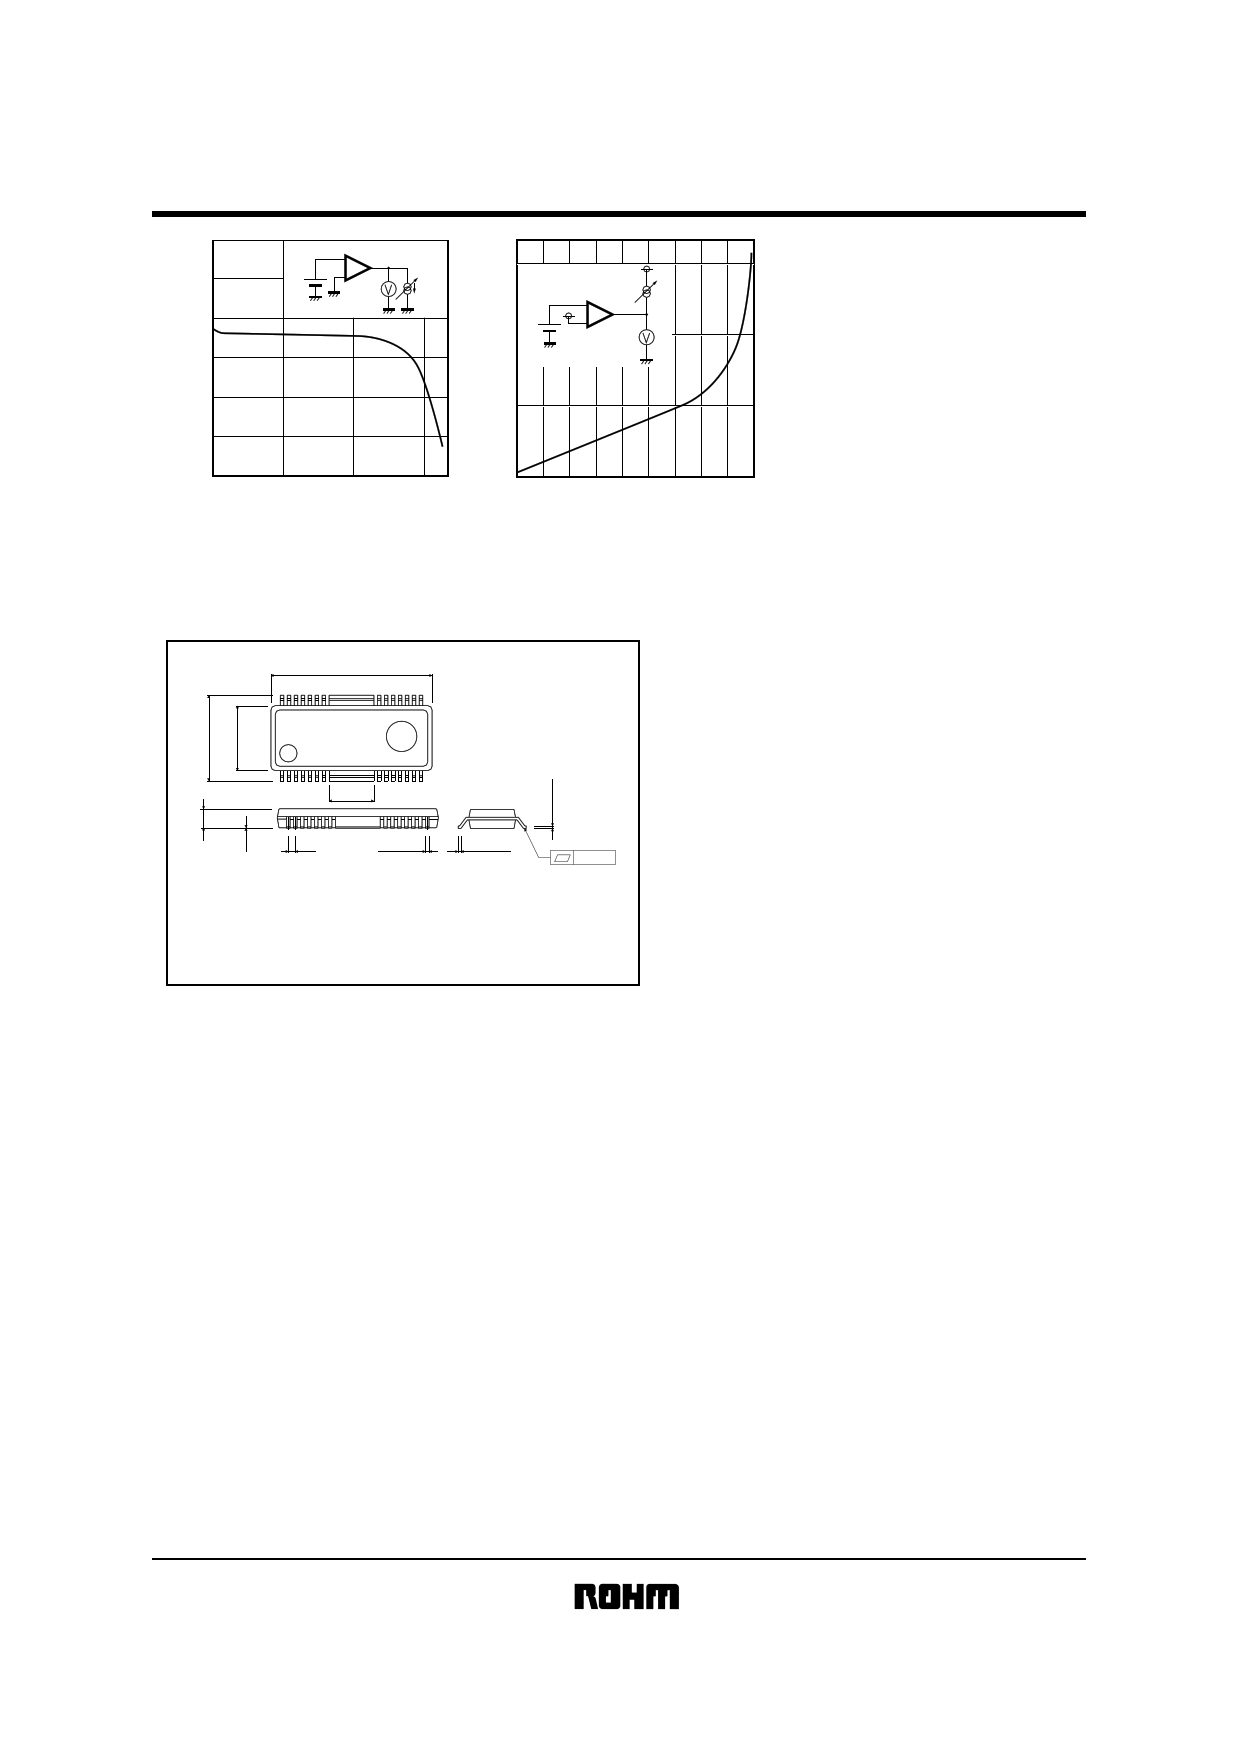 BA5977FP pdf, datenblatt